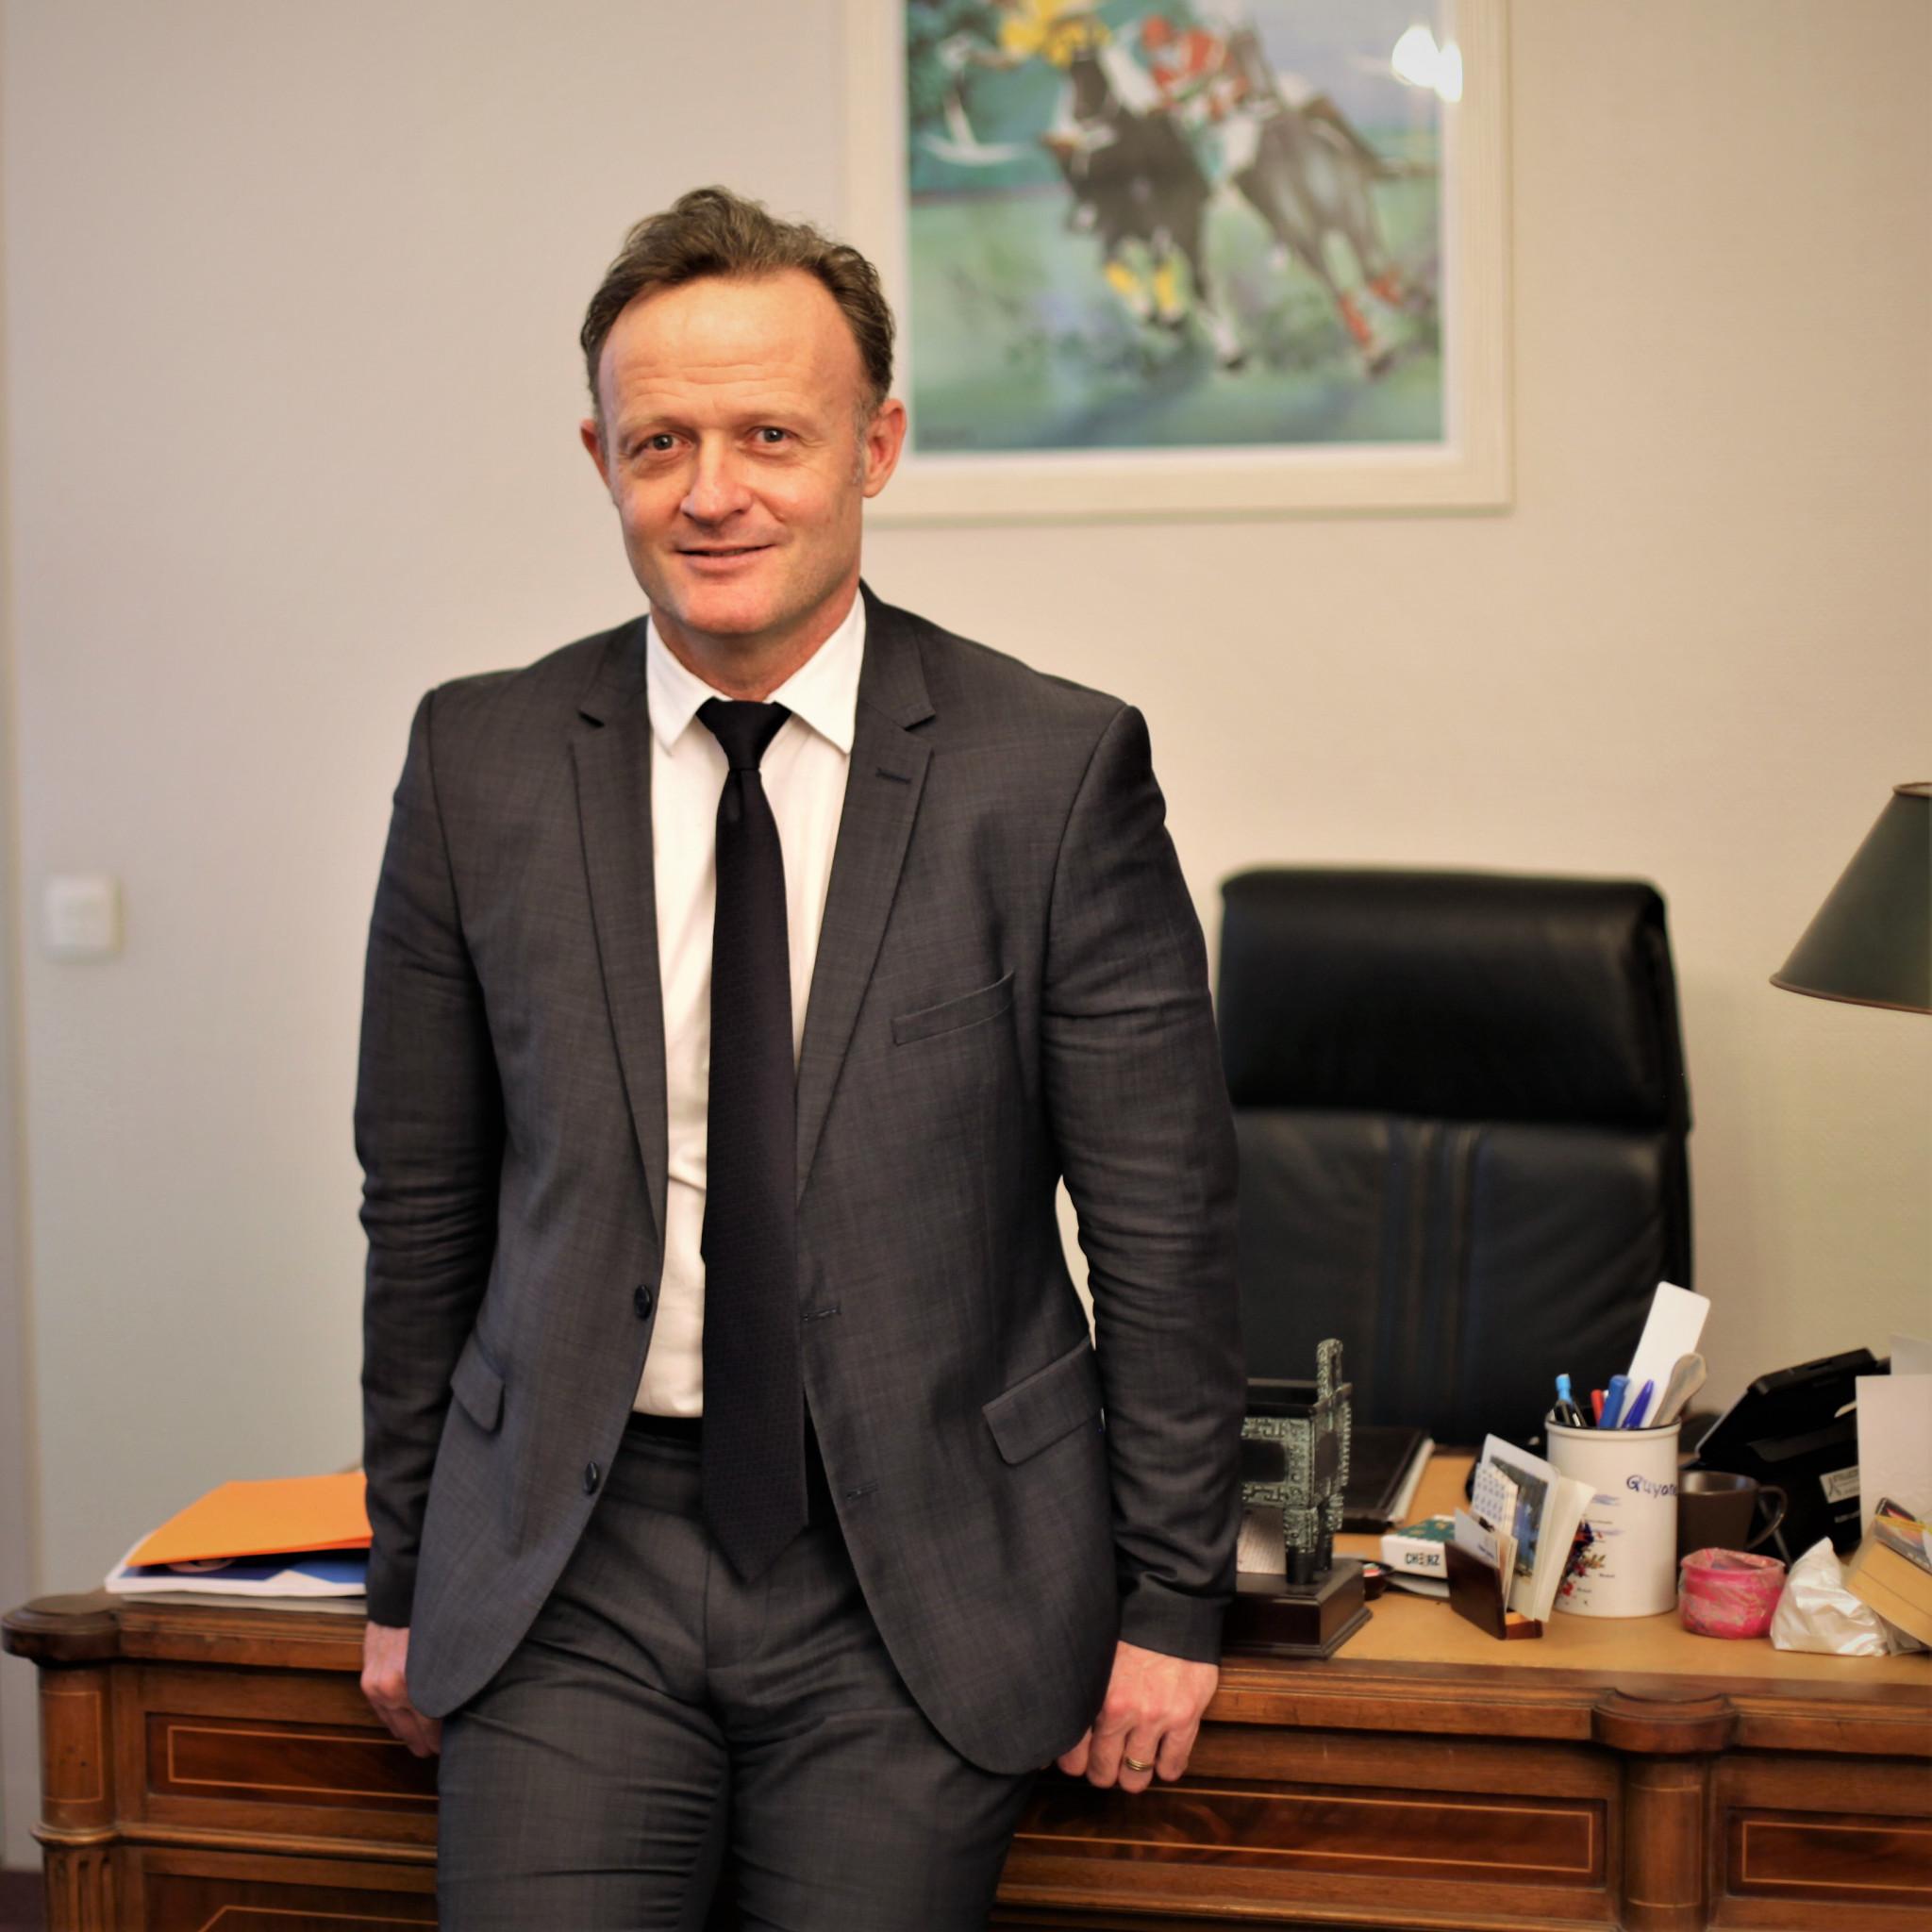 Laurent Petrynka